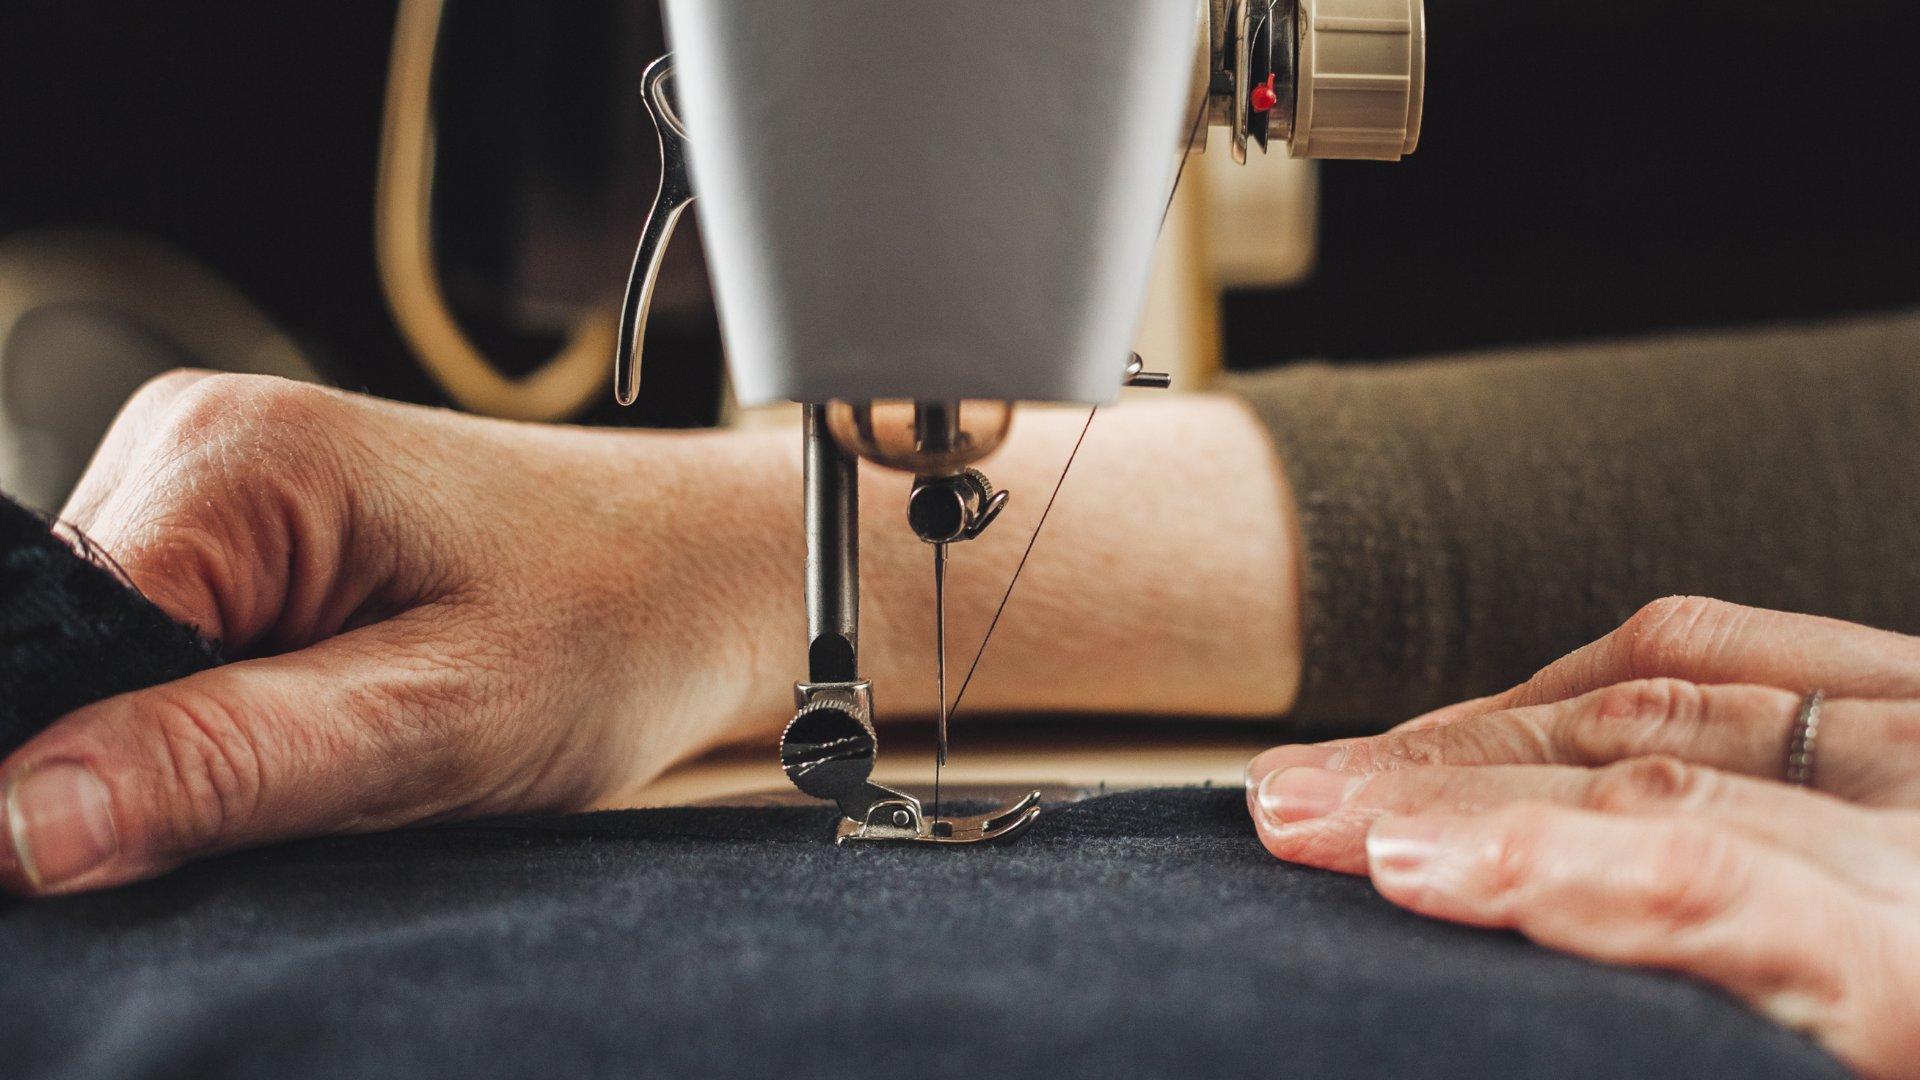 Pessoa costurando pano em máquina de costura